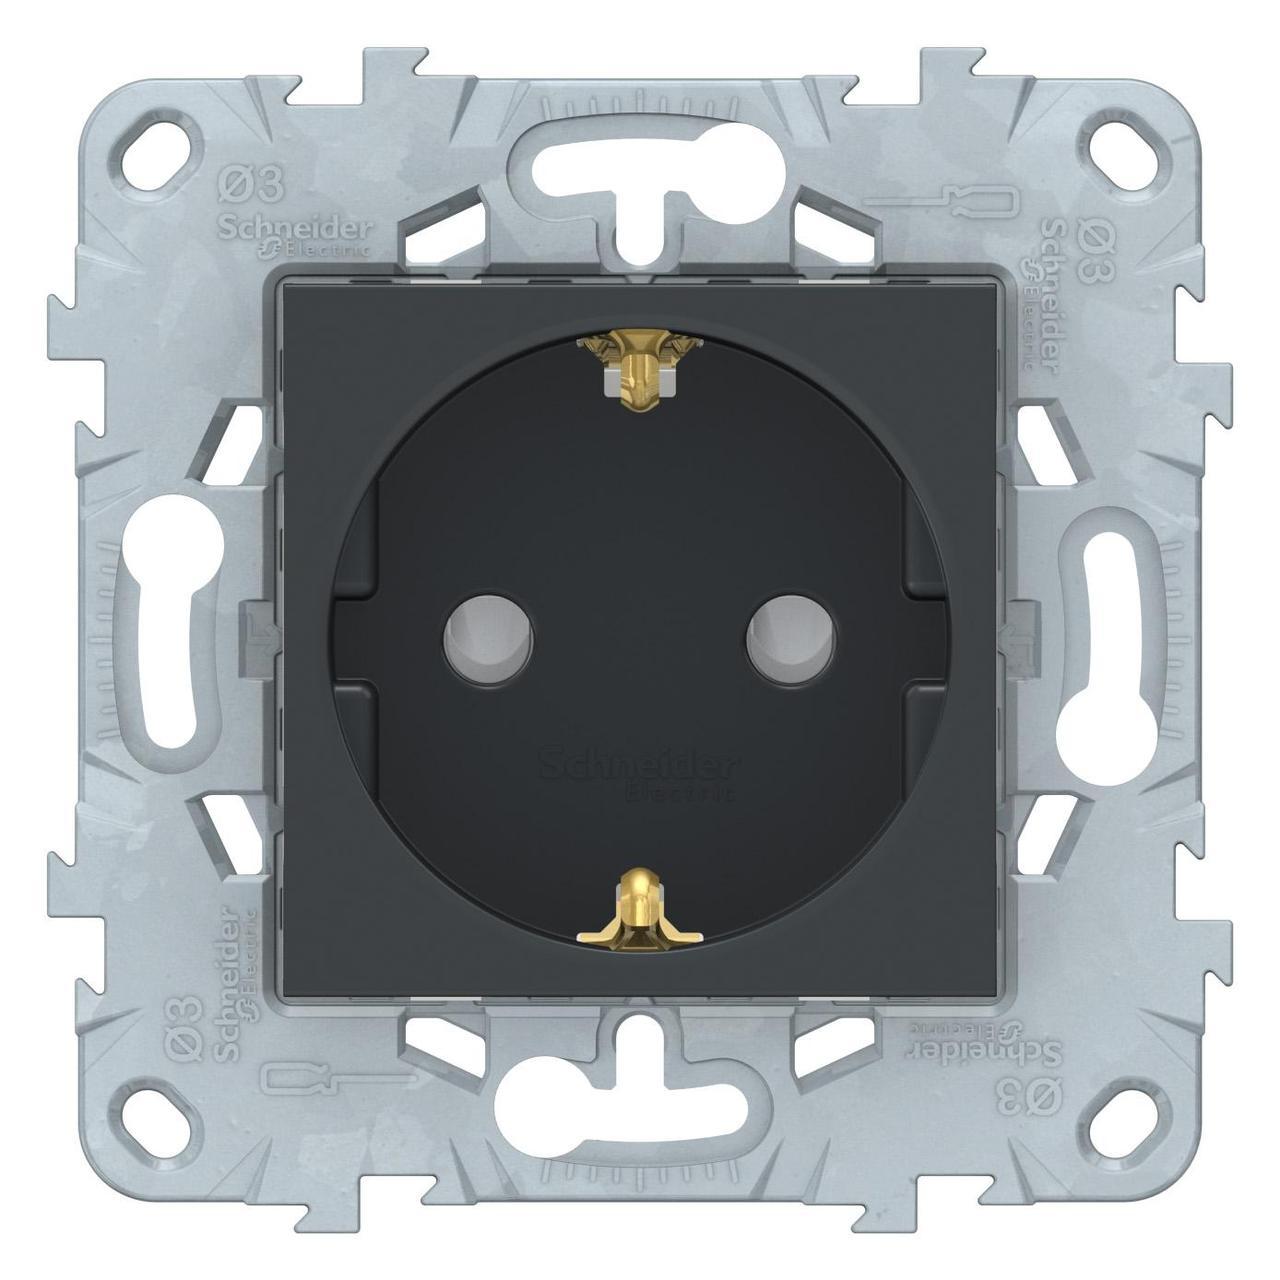 Розетка 1-ая электрическая , с заземлением и защитными шторками (винтовой зажим) , Антрацит, серия Unica New, Schneider Electric